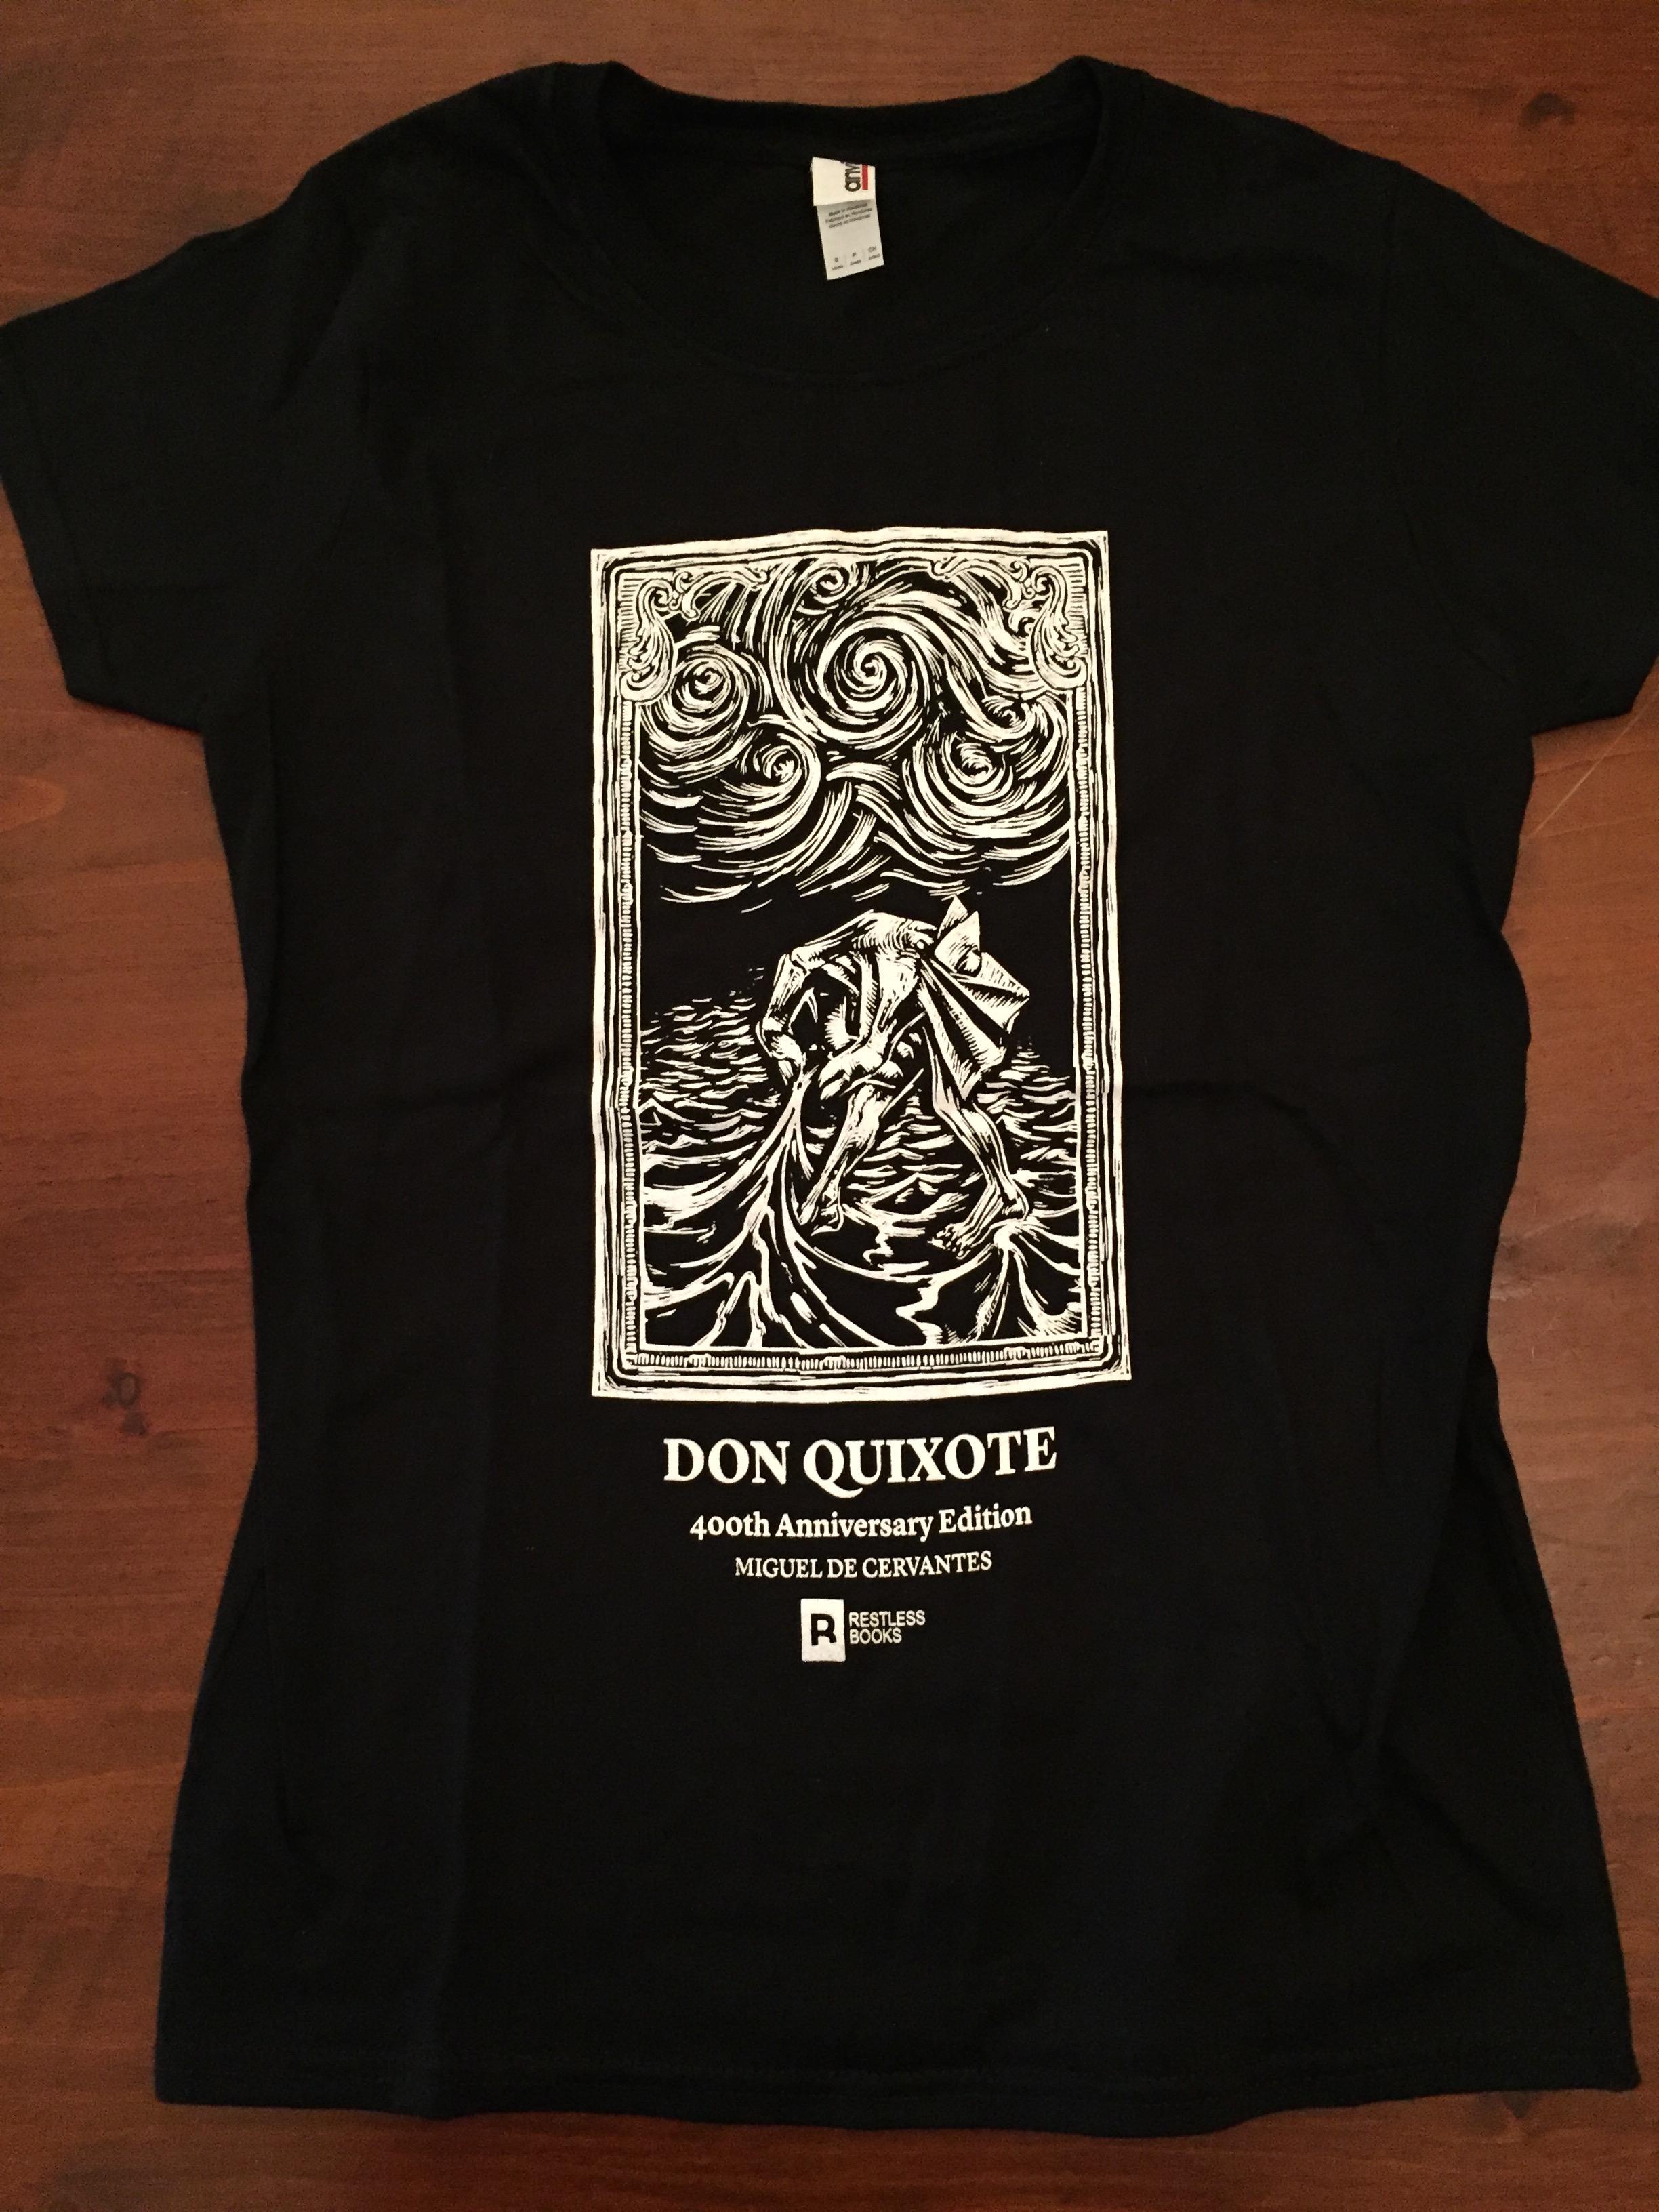 Don Quixote T-shirt - The Sea.JPG